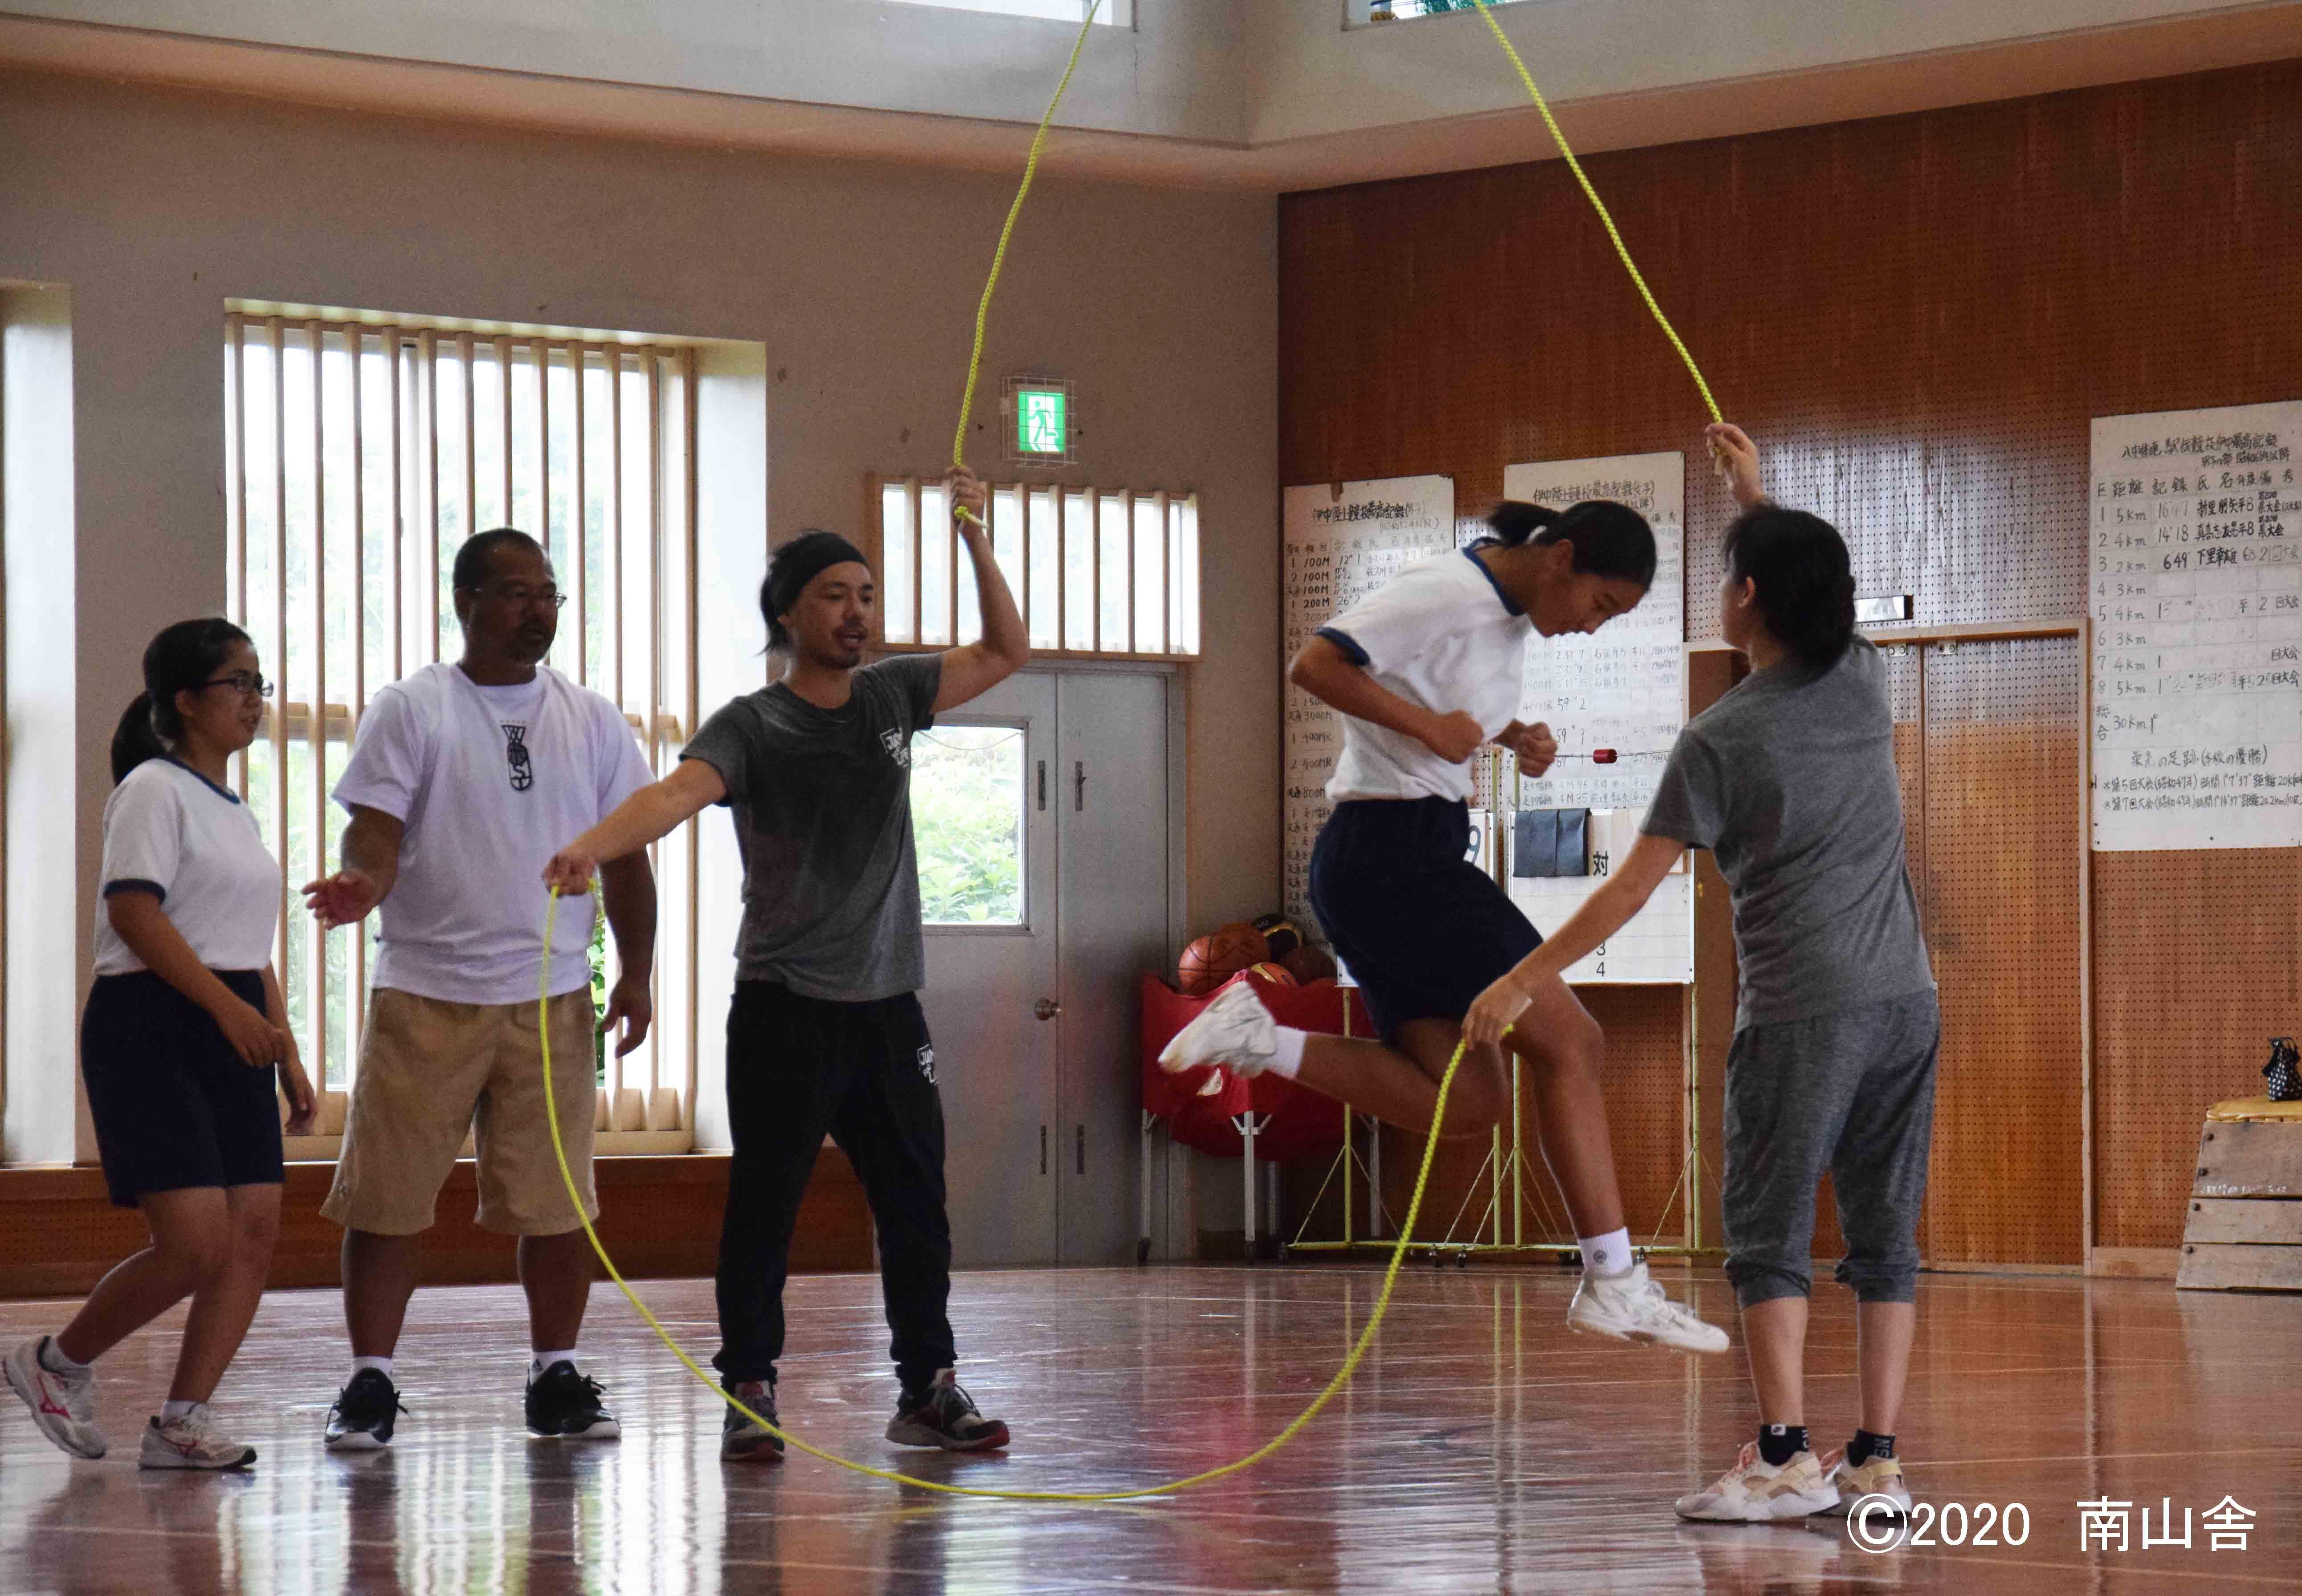 技 ダブル ダッチ ダブルダッチを体育授業に導入するのに必要な「集団への教え方」という視点 なわとび1本で何でもできるのだ